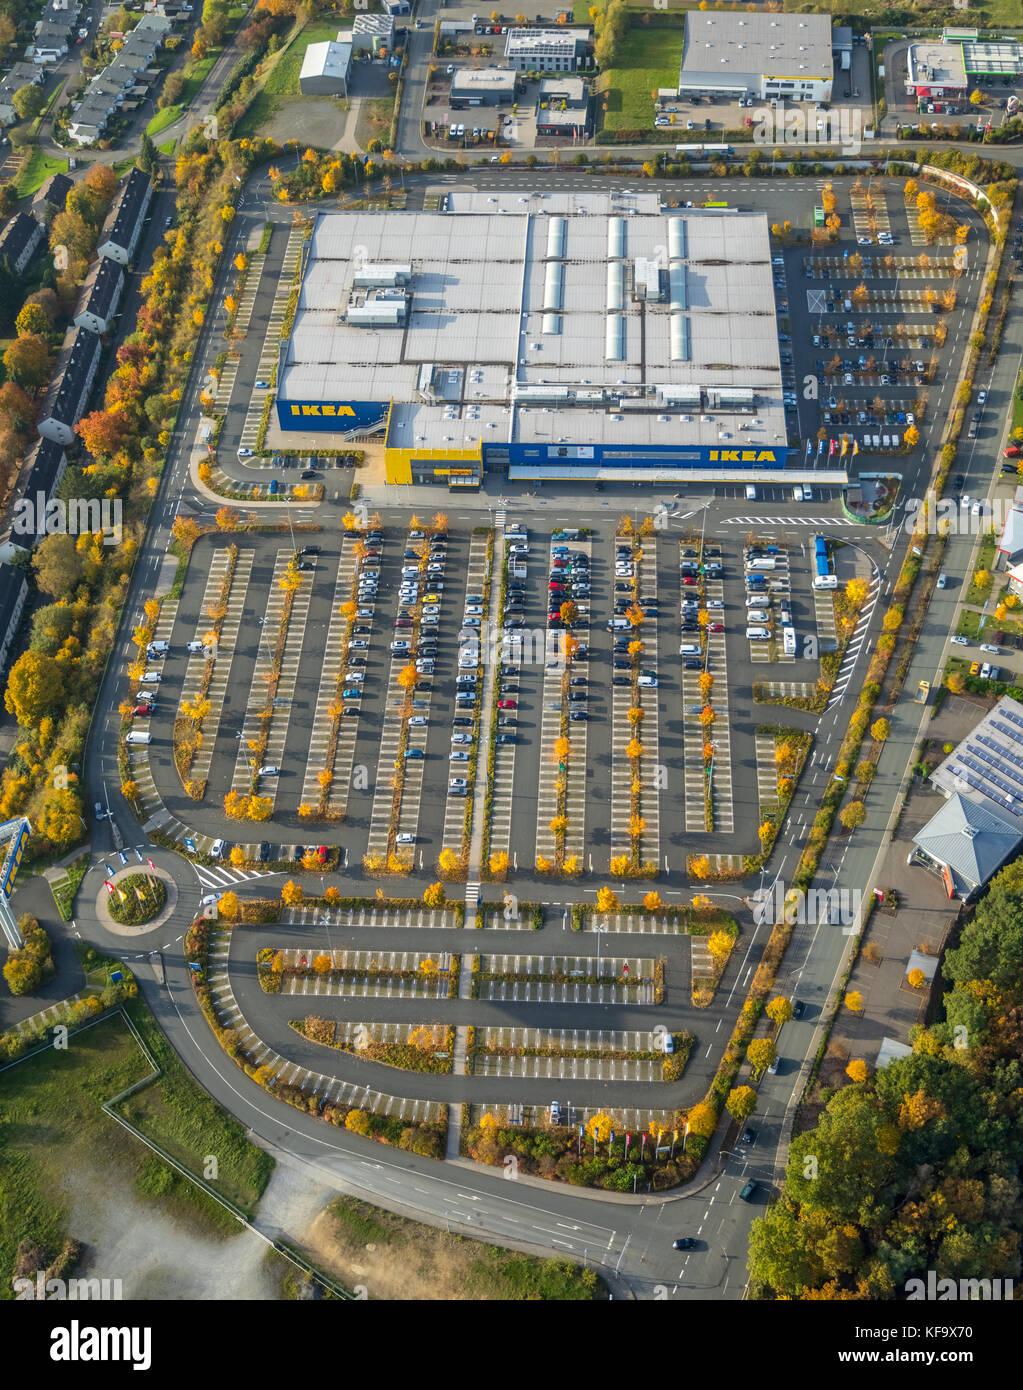 Ikea Möbel Und Innenausbau Home Siege Möbel Discounter